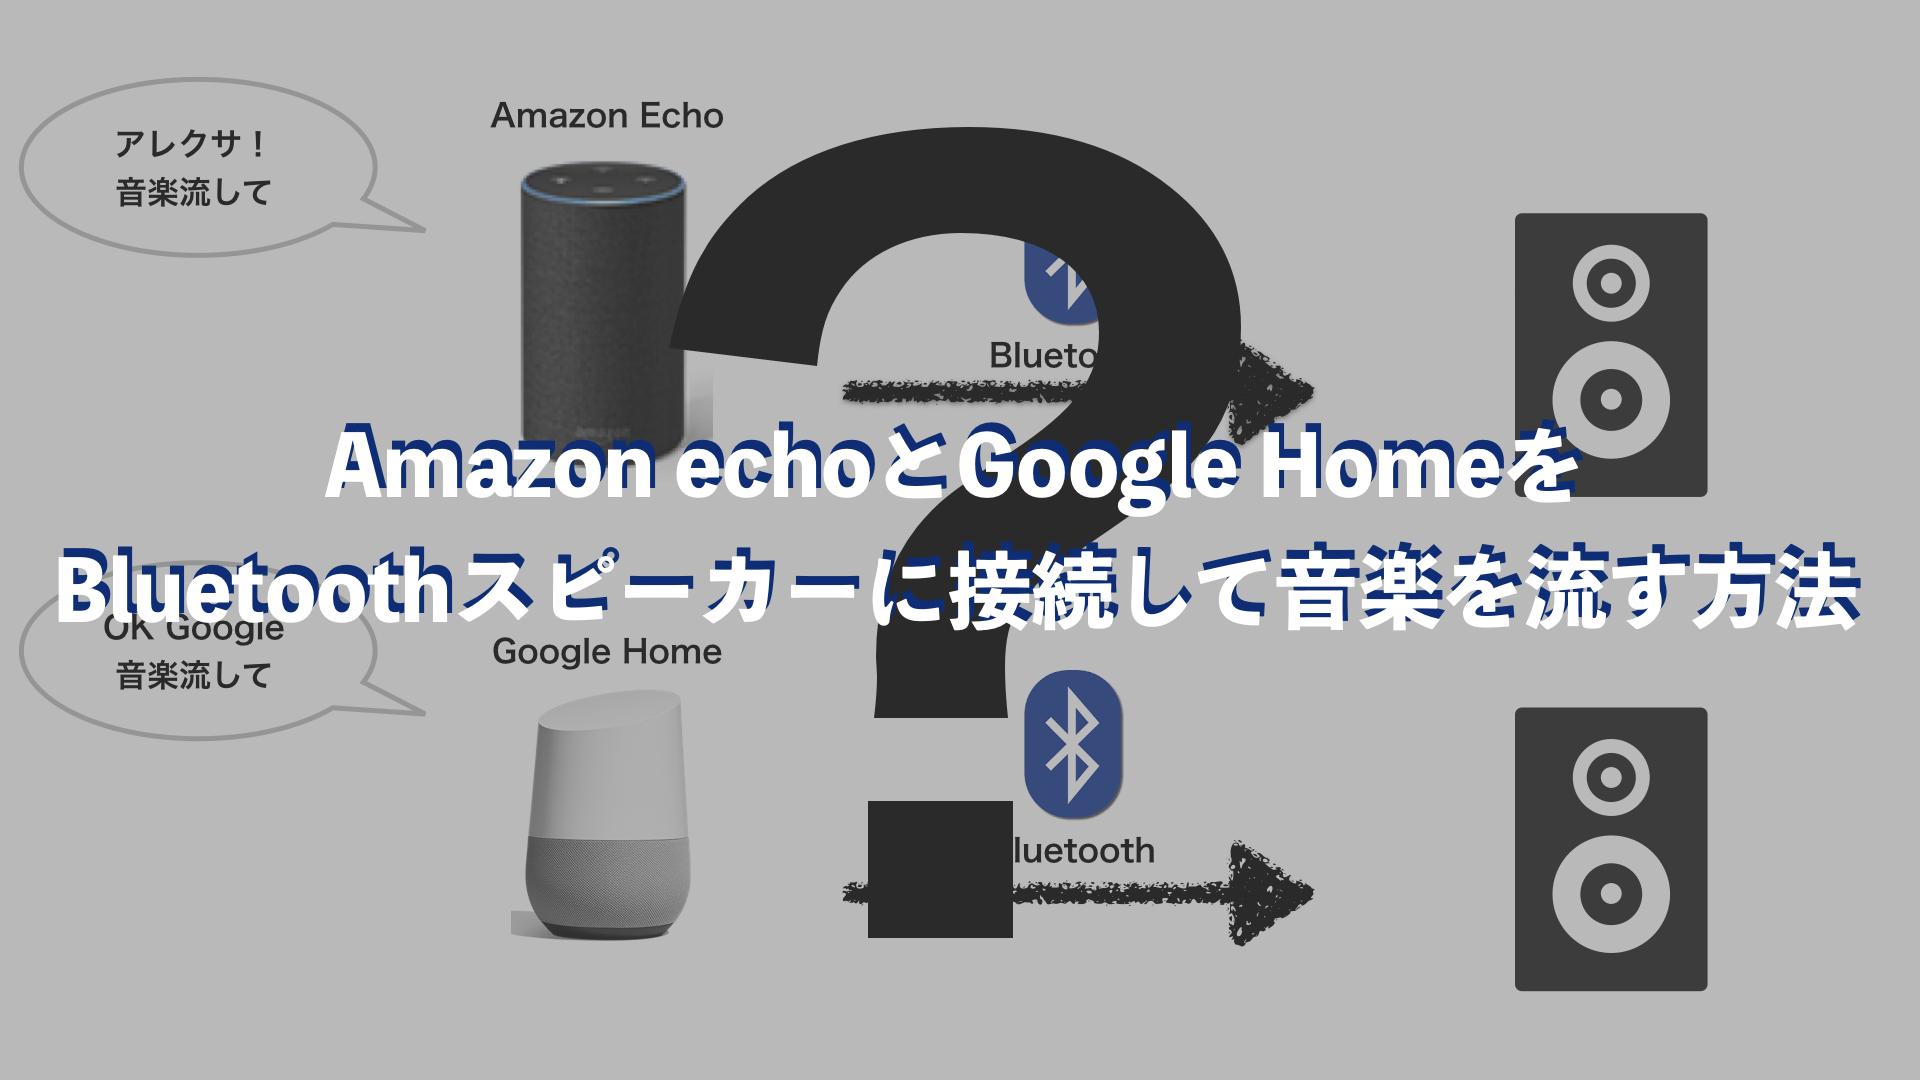 スピーカー google home bluetooth